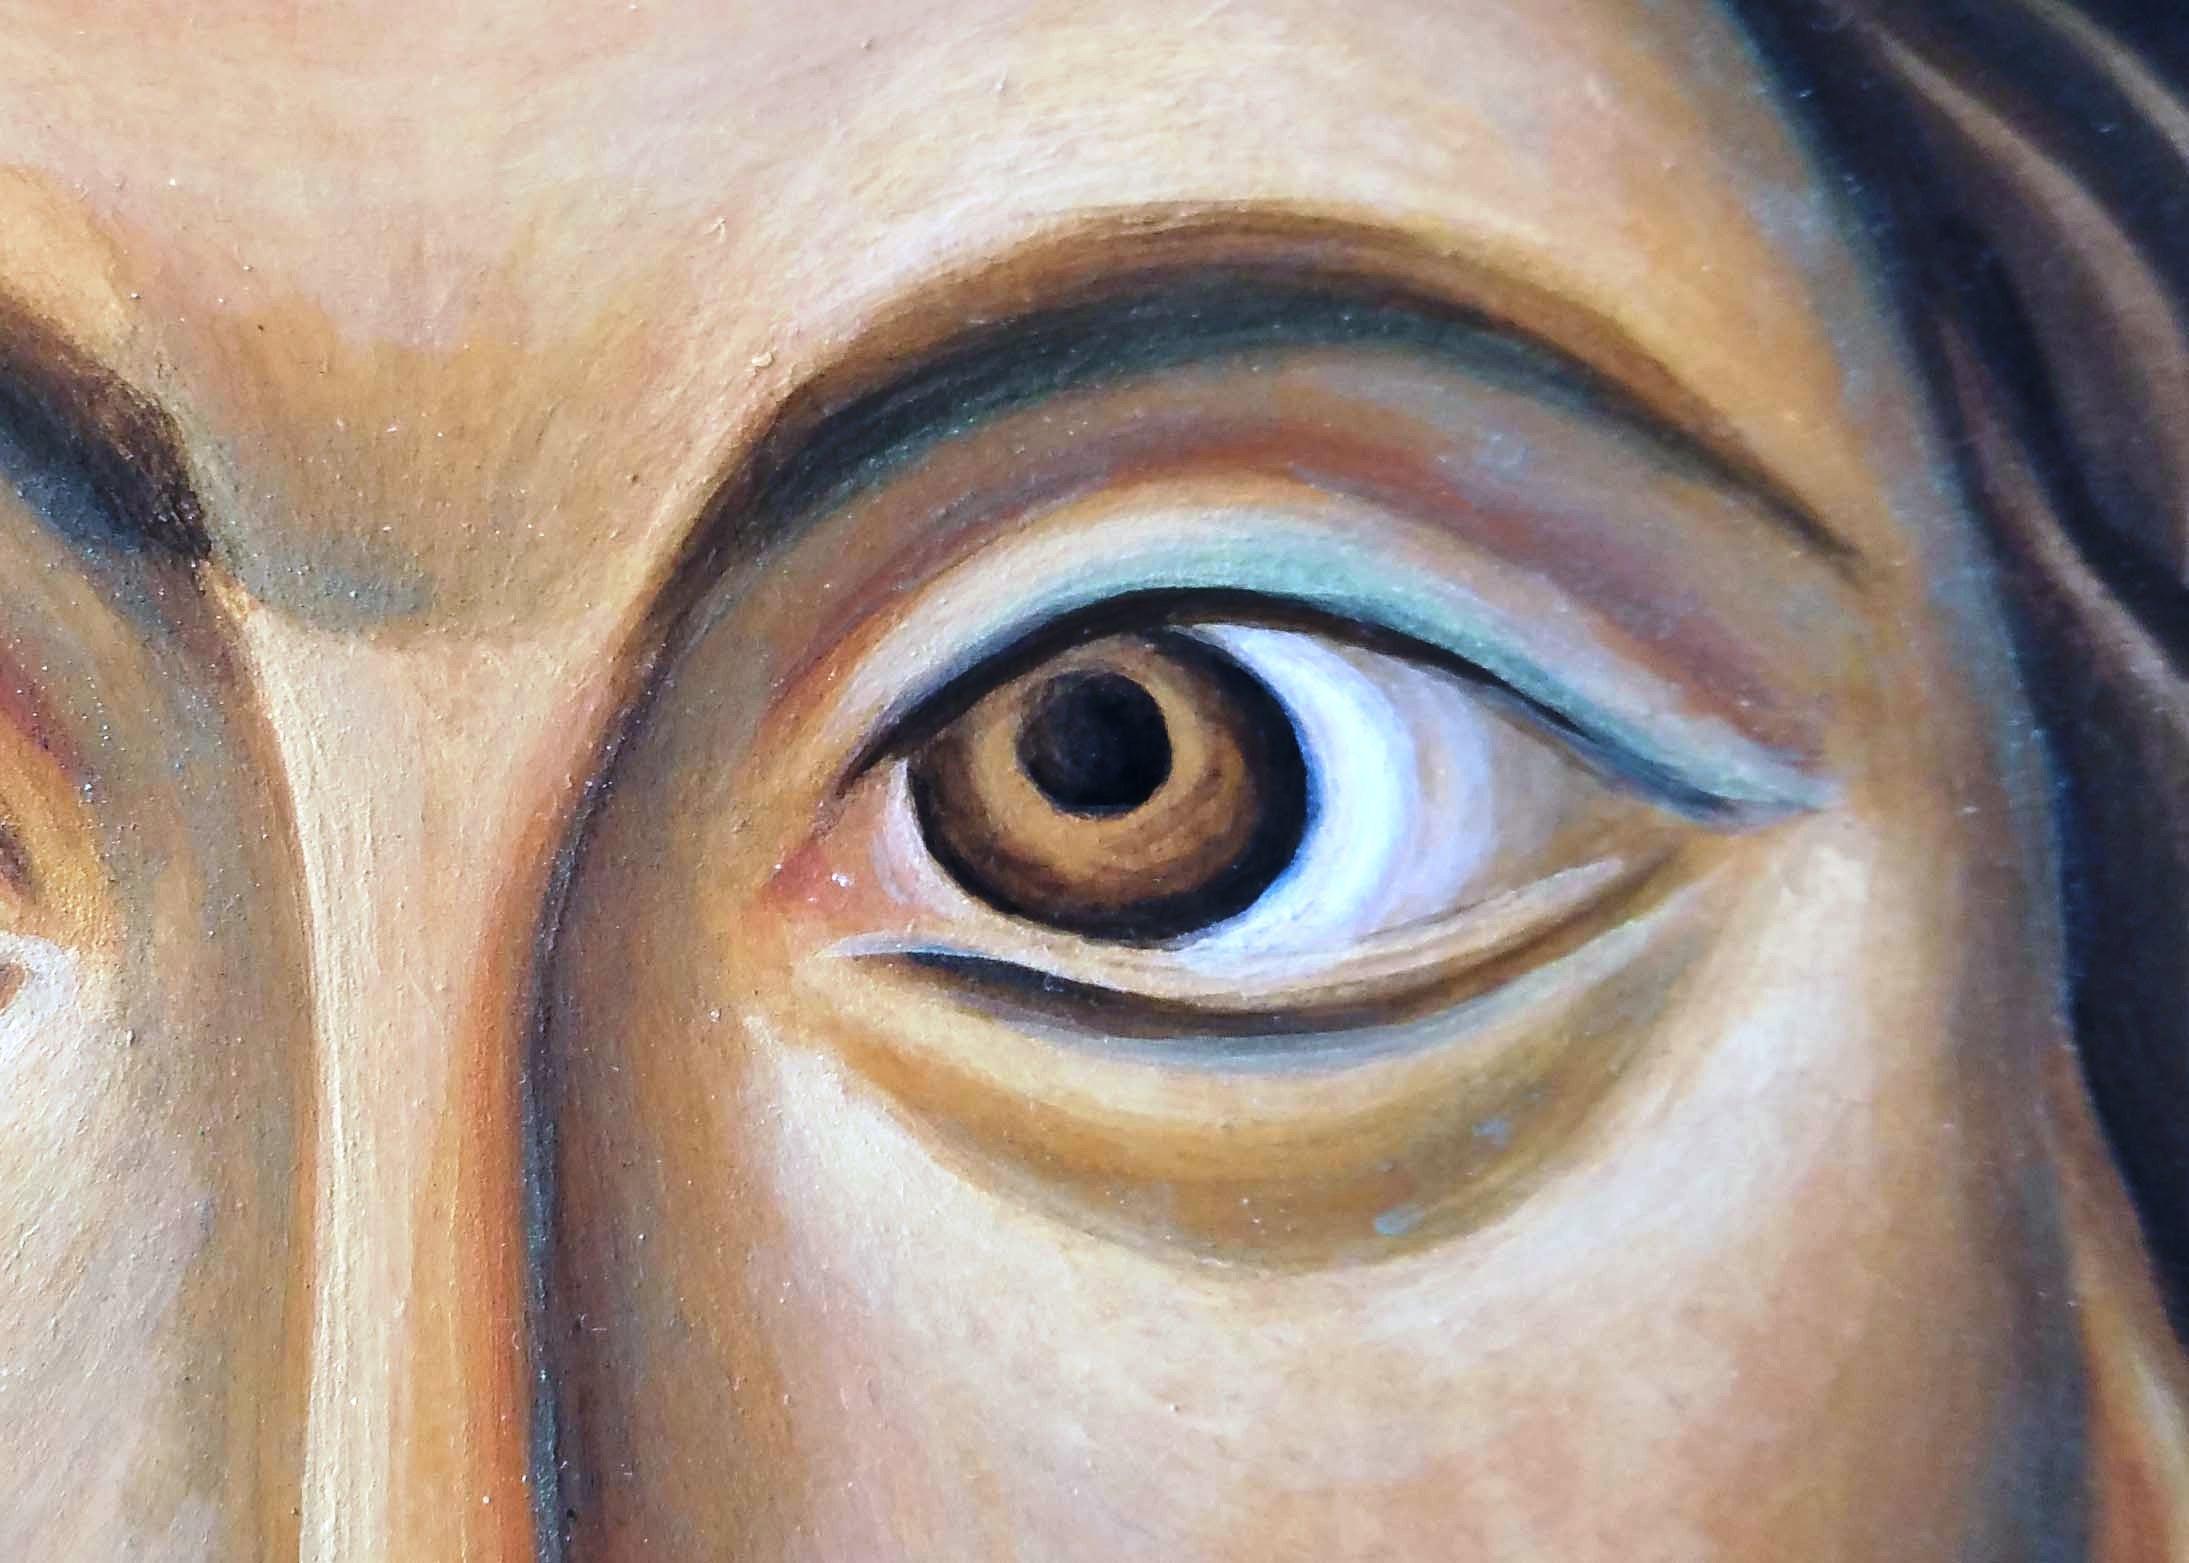 eye op 1.jpg